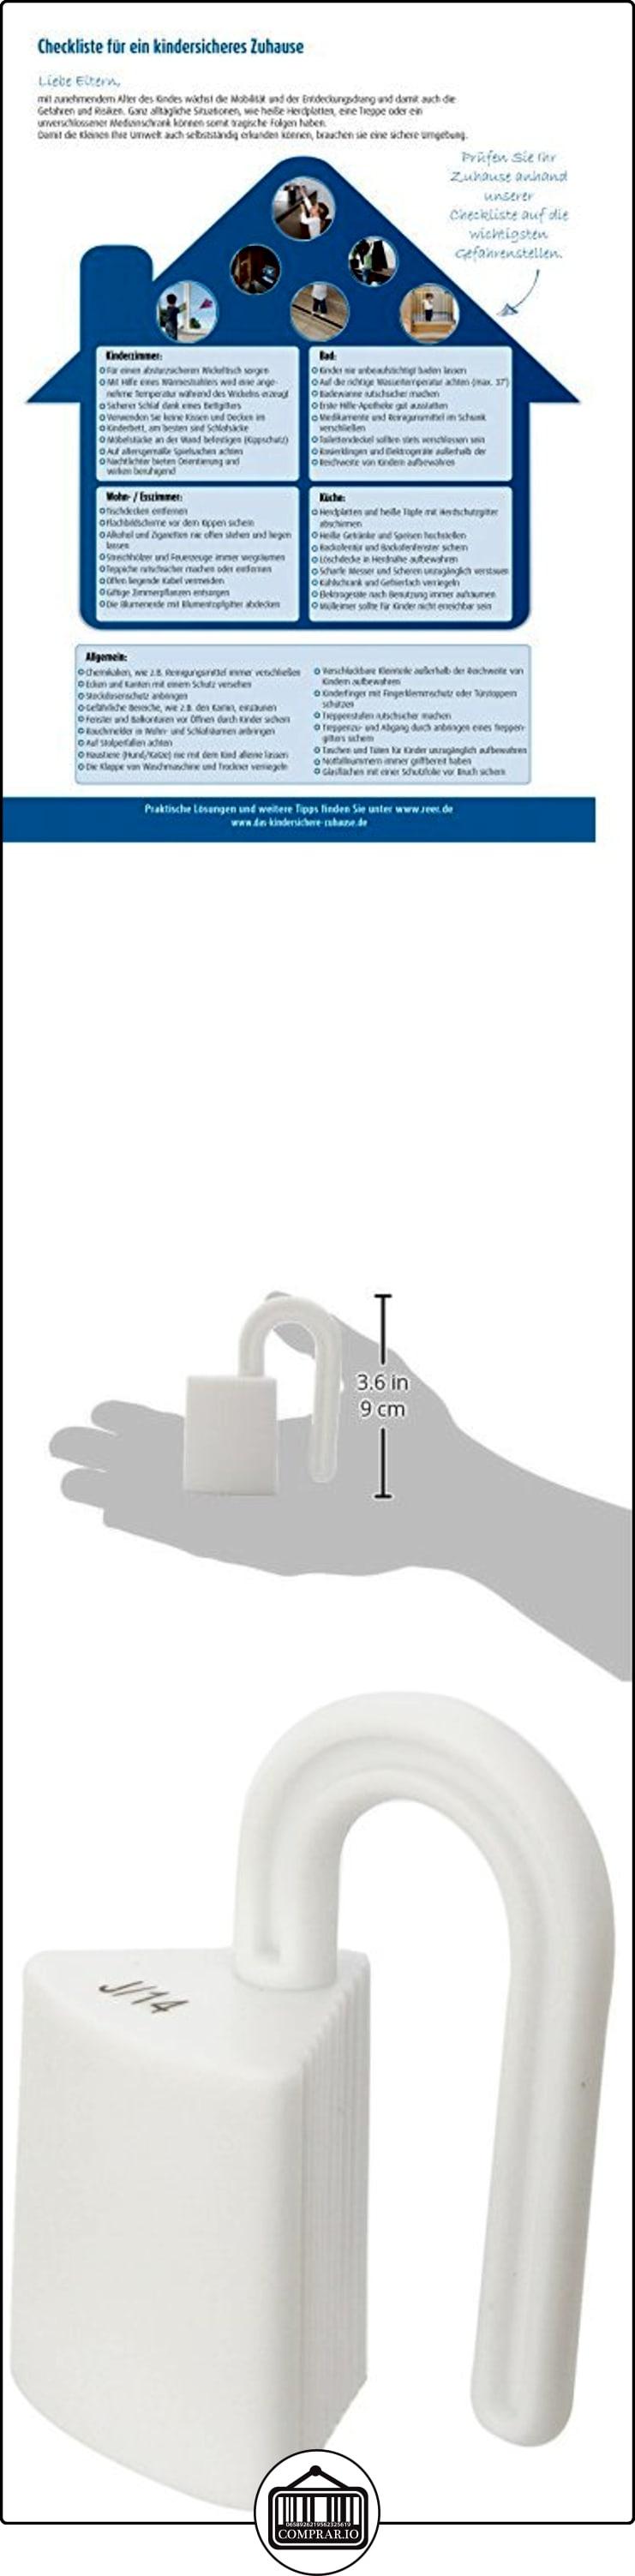 Protector para dedos para puertas y ventanas Reer 7207 2 art/ículos